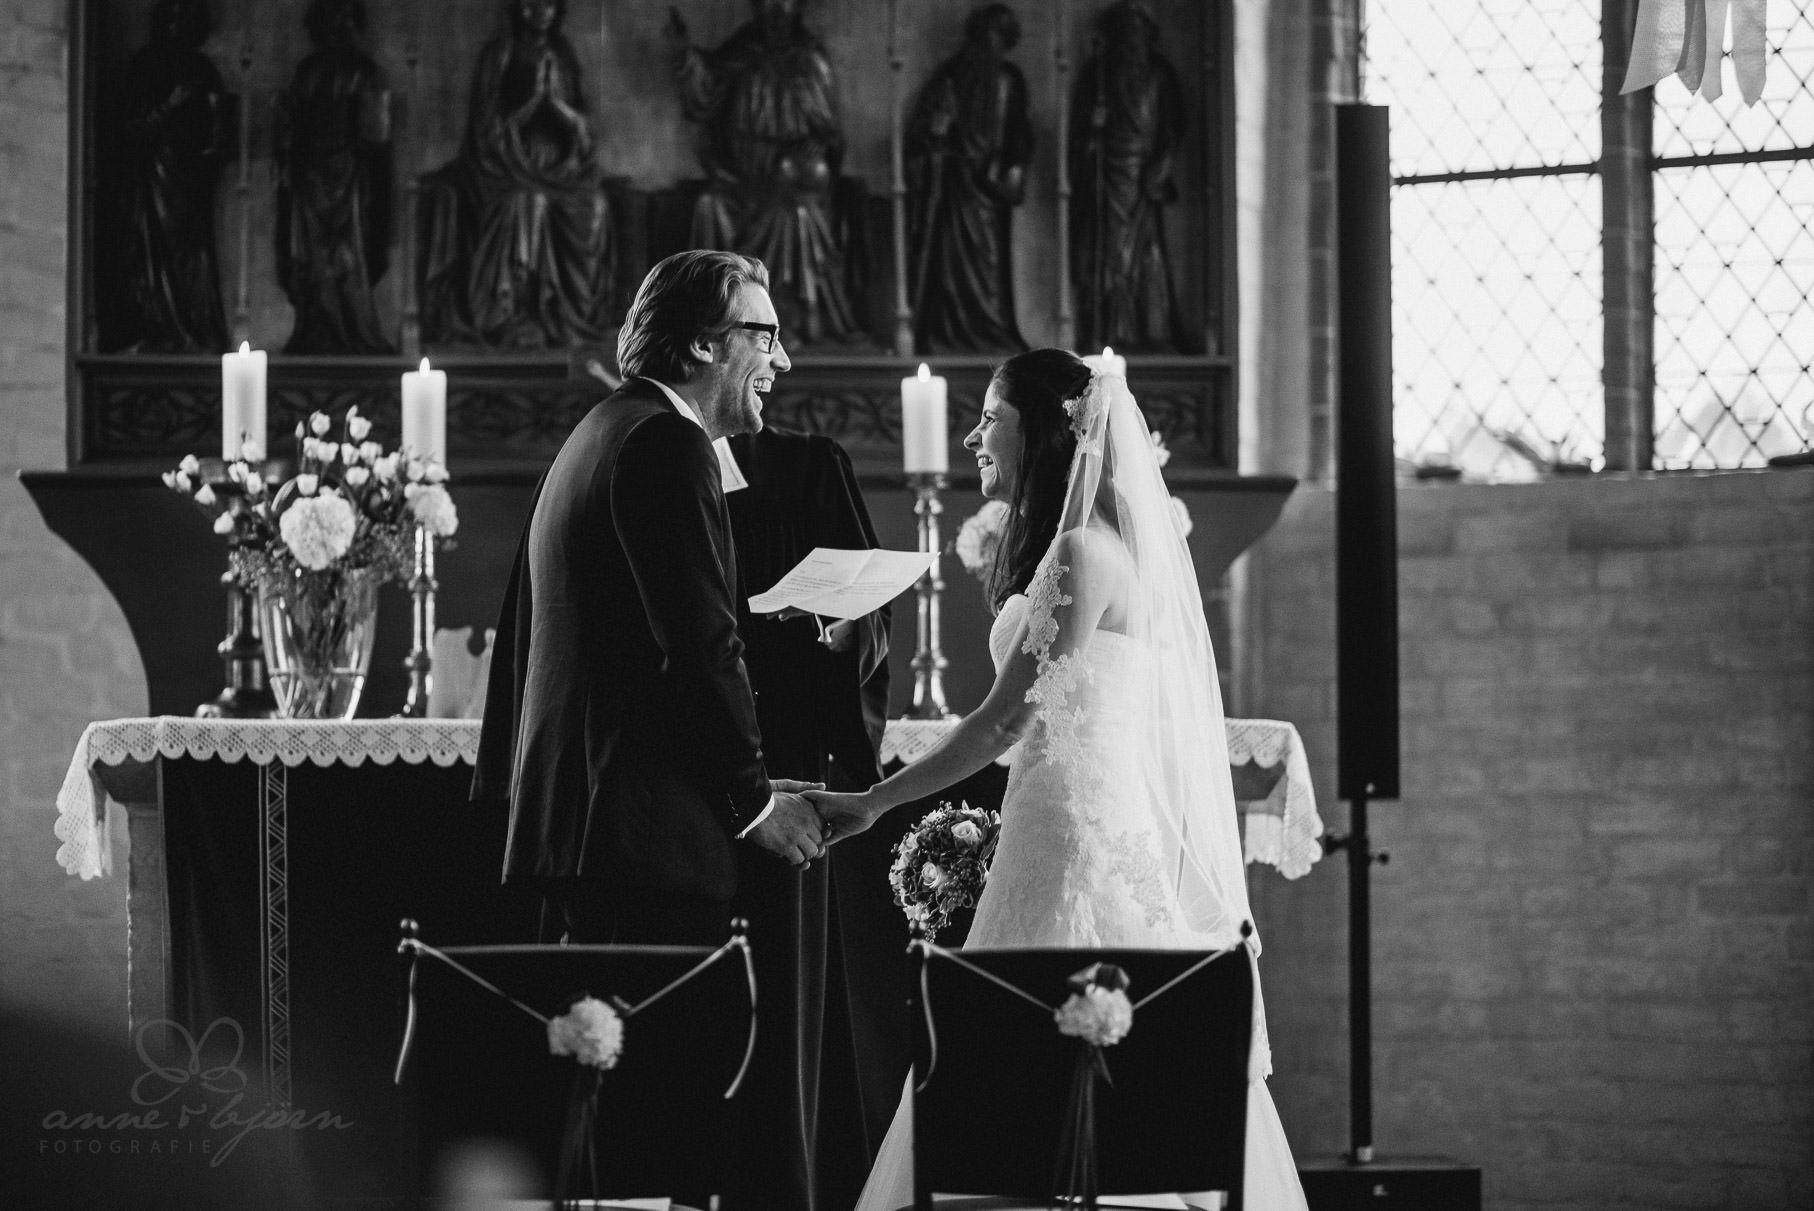 0062 aub 812 9494 - Hochzeit auf Gut Thansen - Anja & Björn